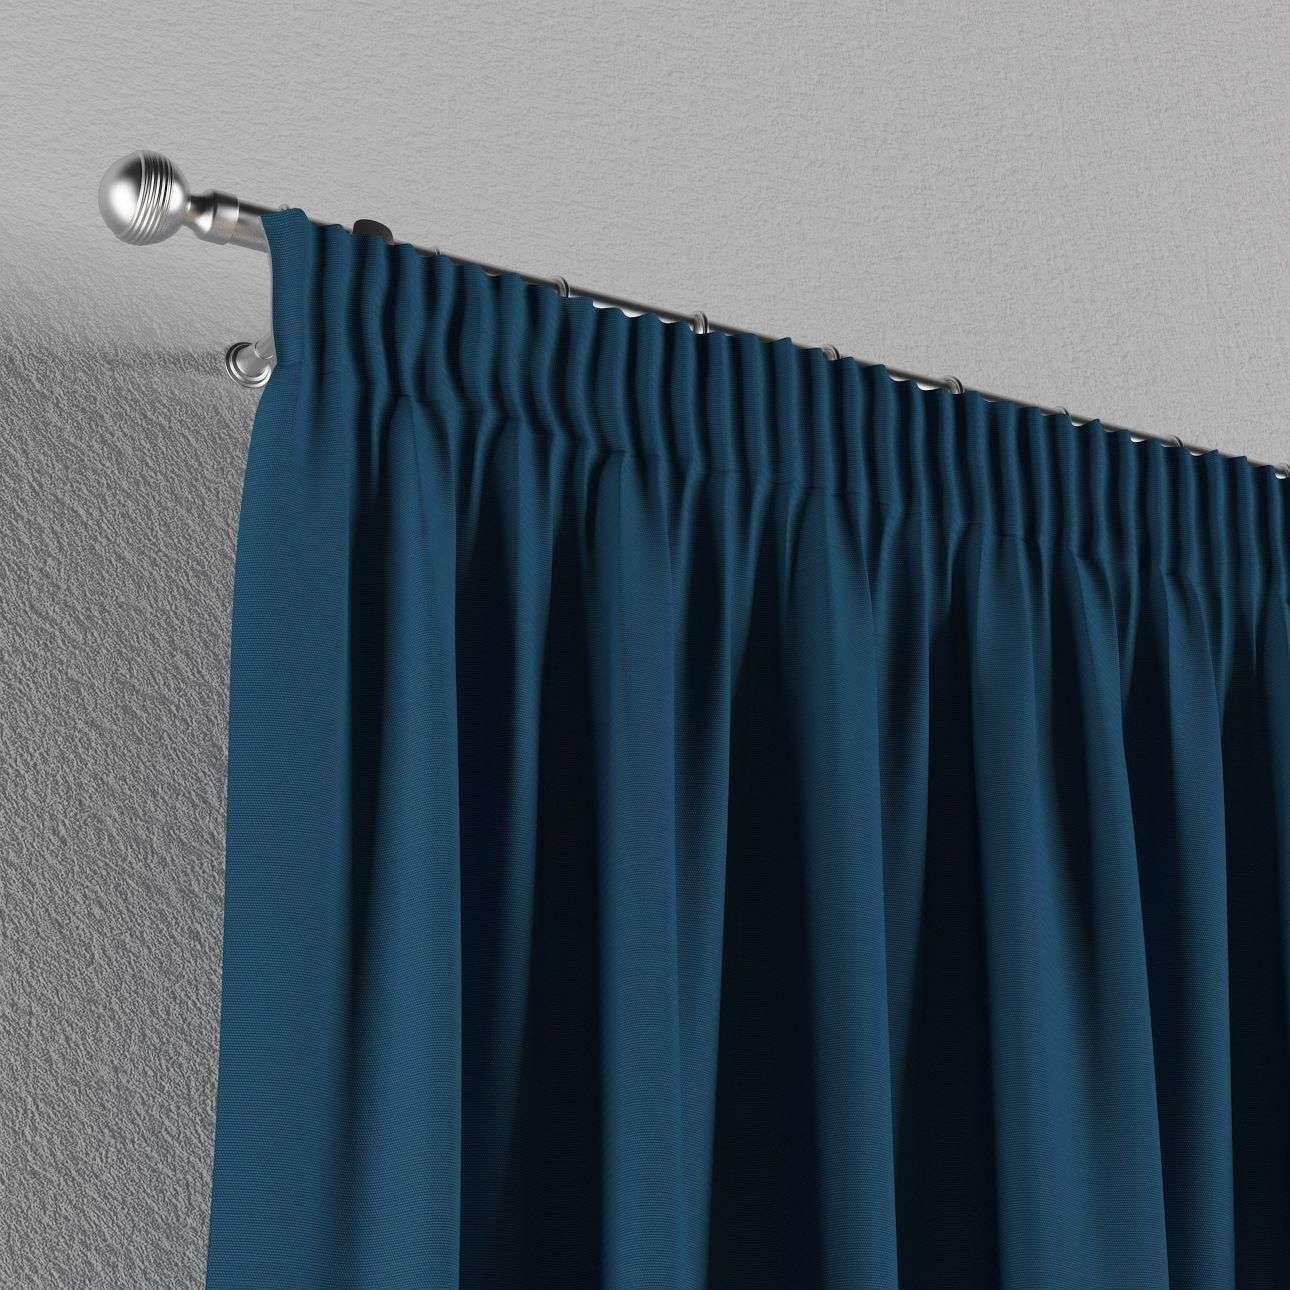 Vorhang mit Kräuselband 1 Stck. 130 x 260 cm von der Kollektion Cotton Panama, Stoff: 702-30